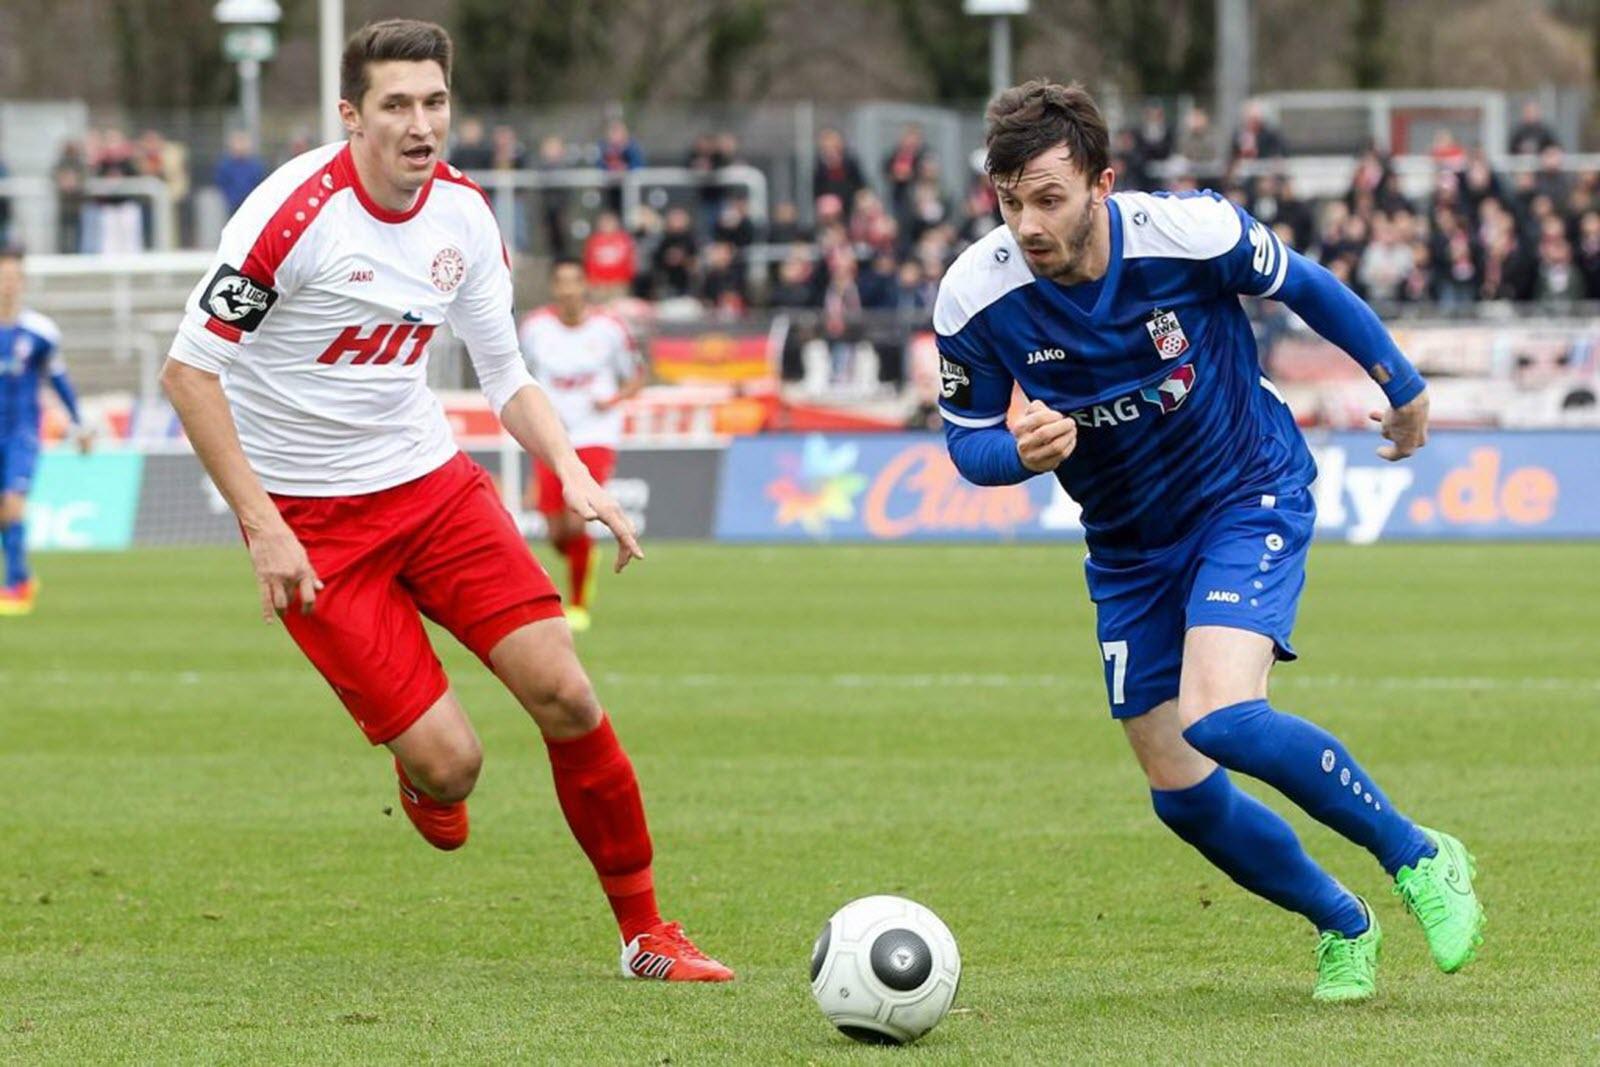 Carsten Kammlott im Duell mit Markus Pazurek. Jetzt auf die Partie Fortuna Köln gegen RW Erfurt wetten